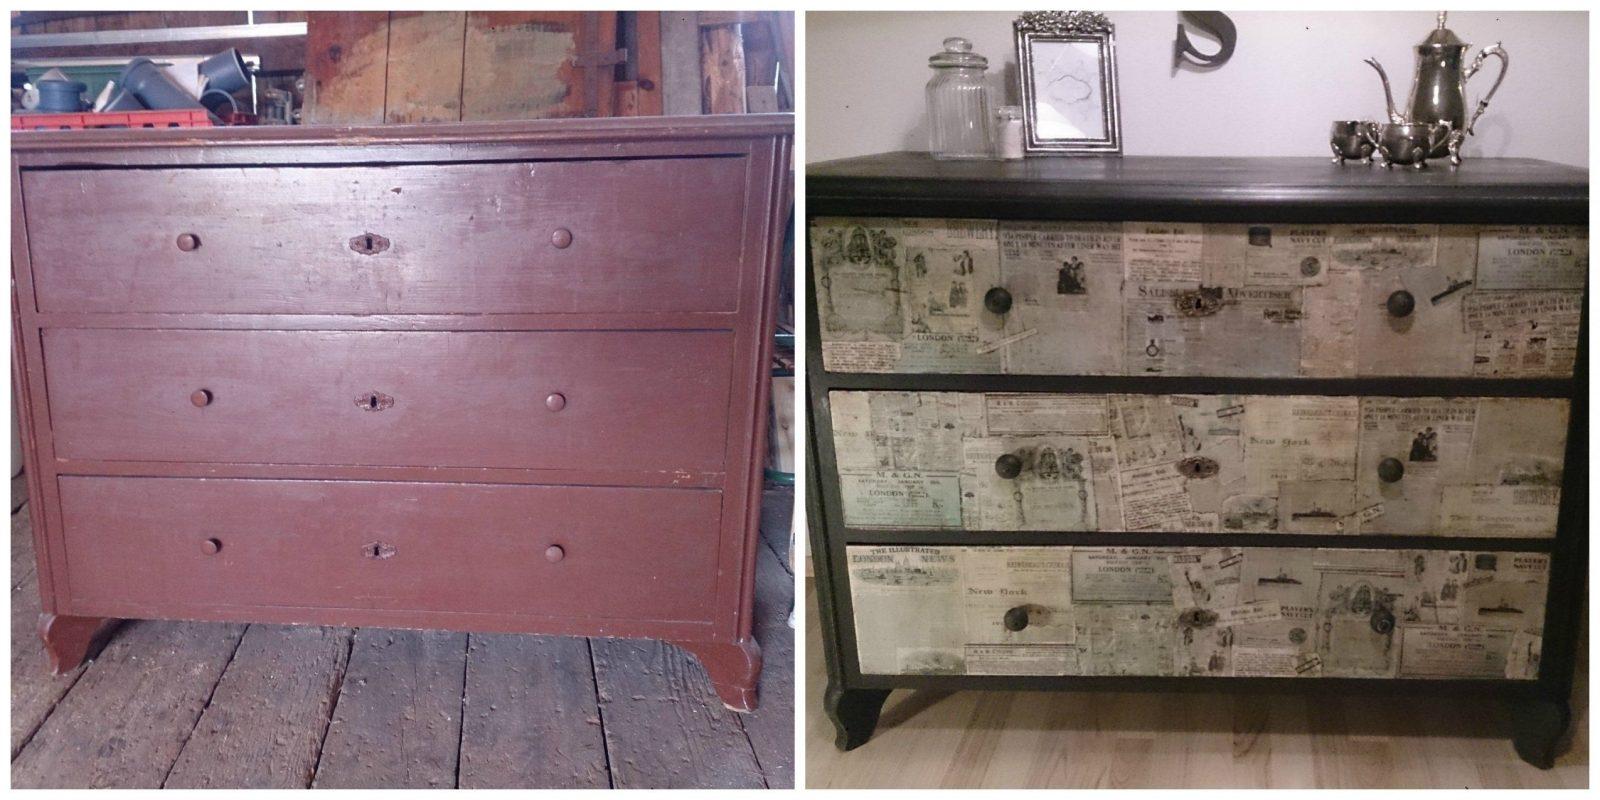 Möbel Aufpeppen Vorher Nachher  Gispatcher von Möbel Aufpeppen Vorher Nachher Bild